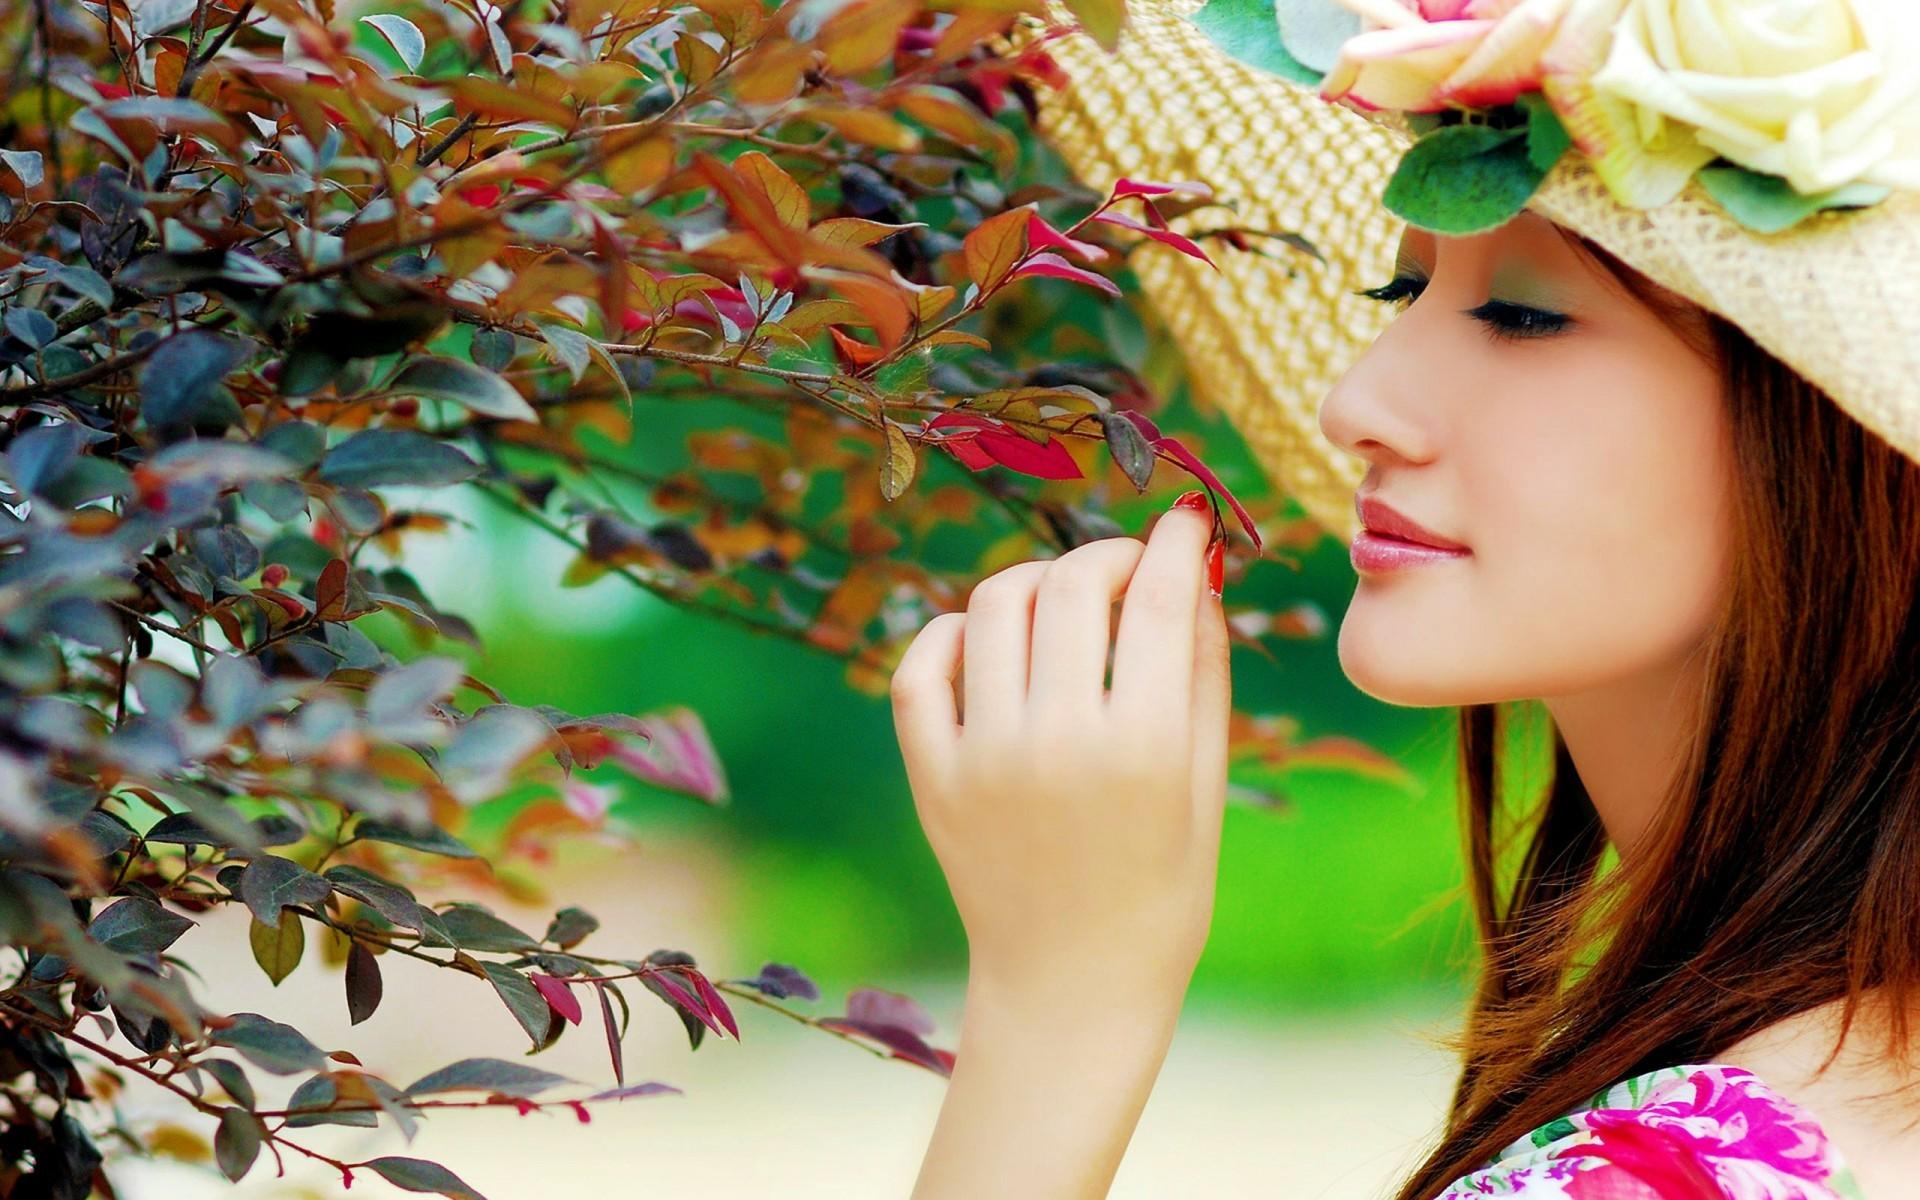 Chicas asiaticas y flores - 1920x1200